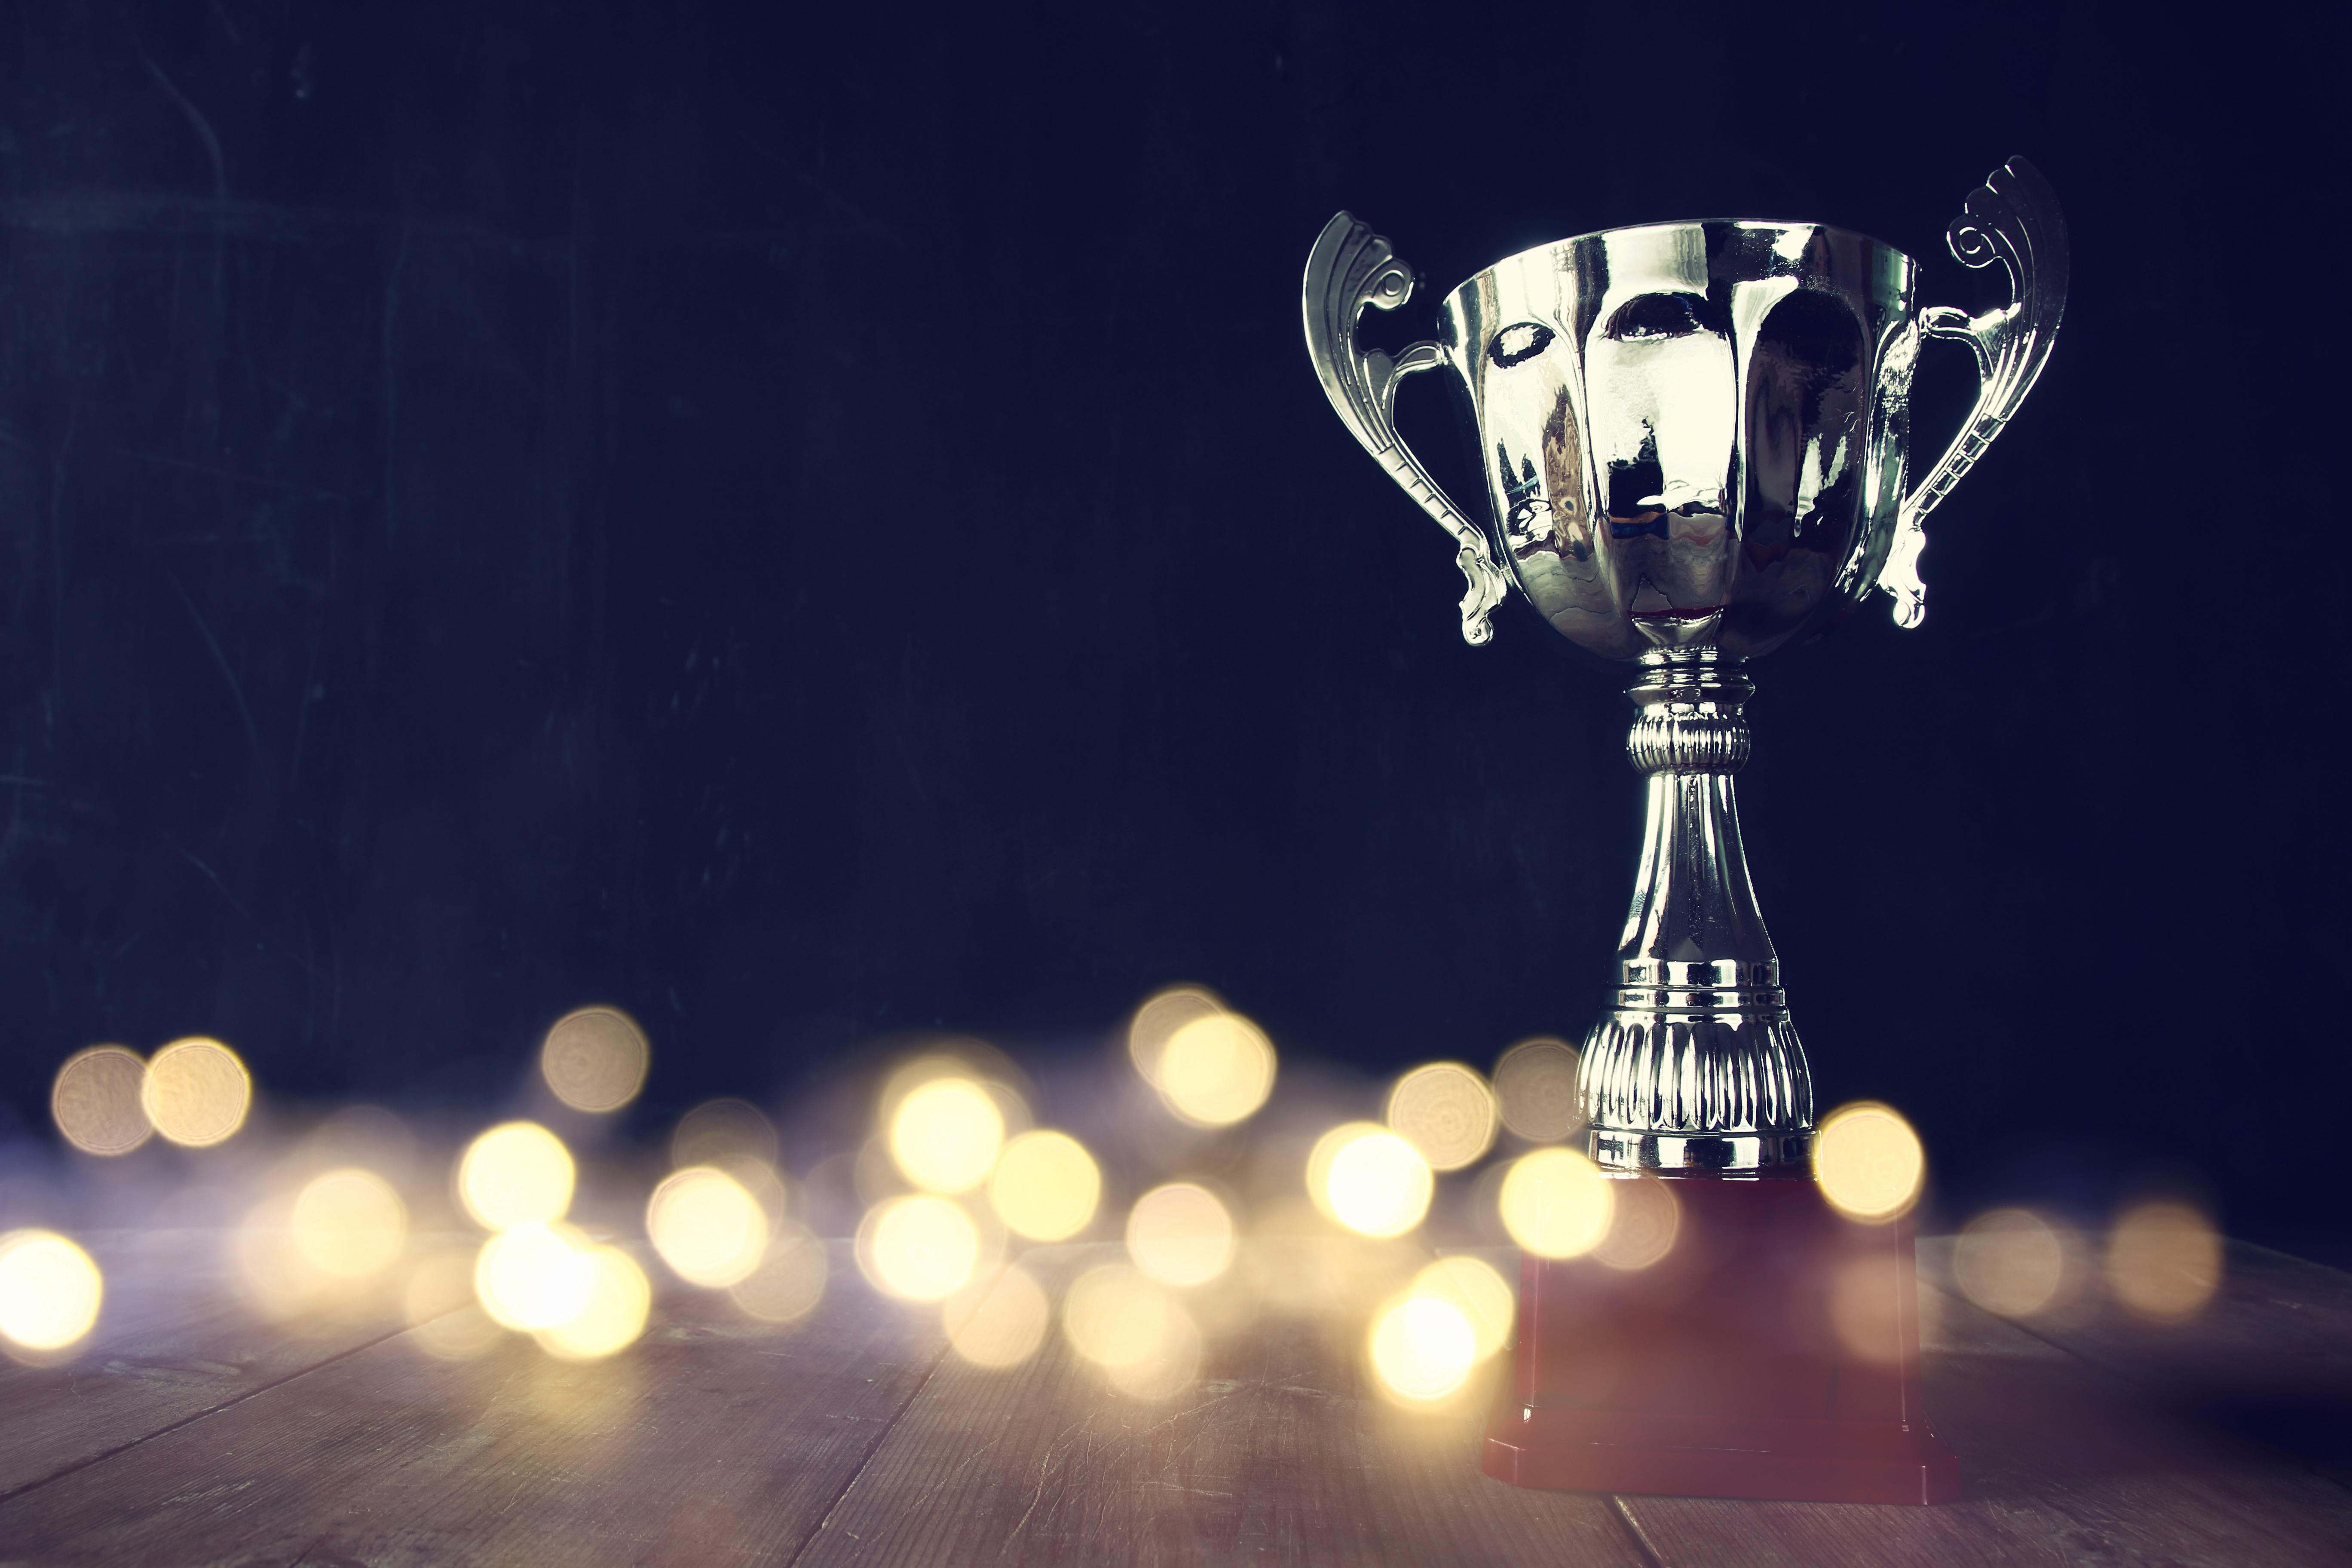 scmagazines-innovator-award-for-bitdefender-hypervisor-introspection-marks-solution-milestone-1.jpg